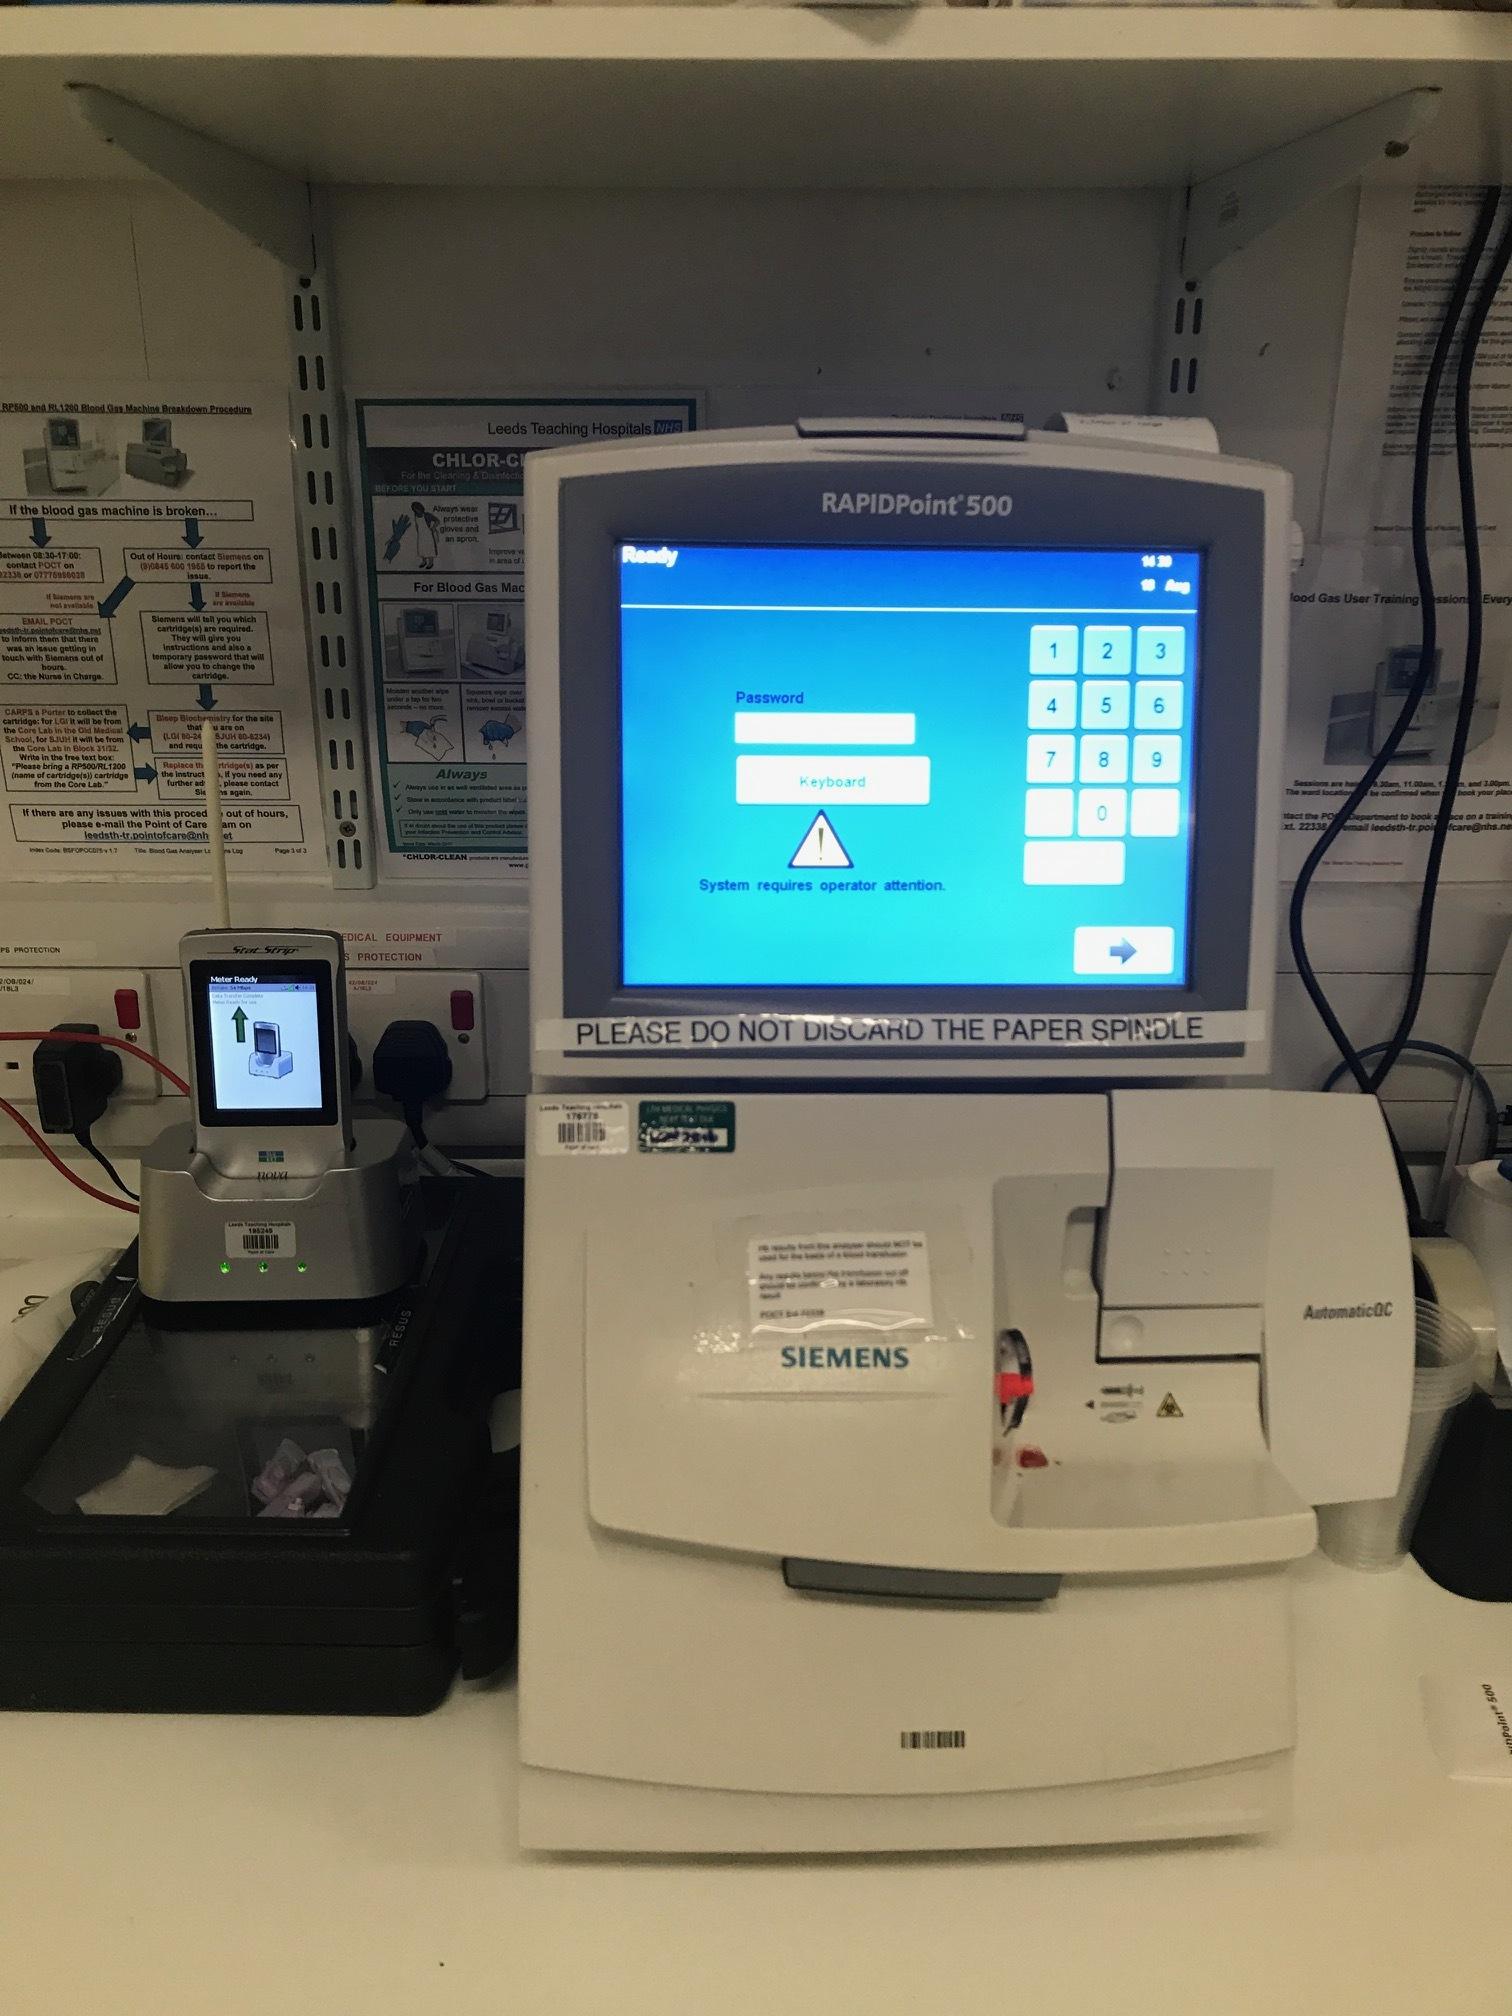 Blood gas tests